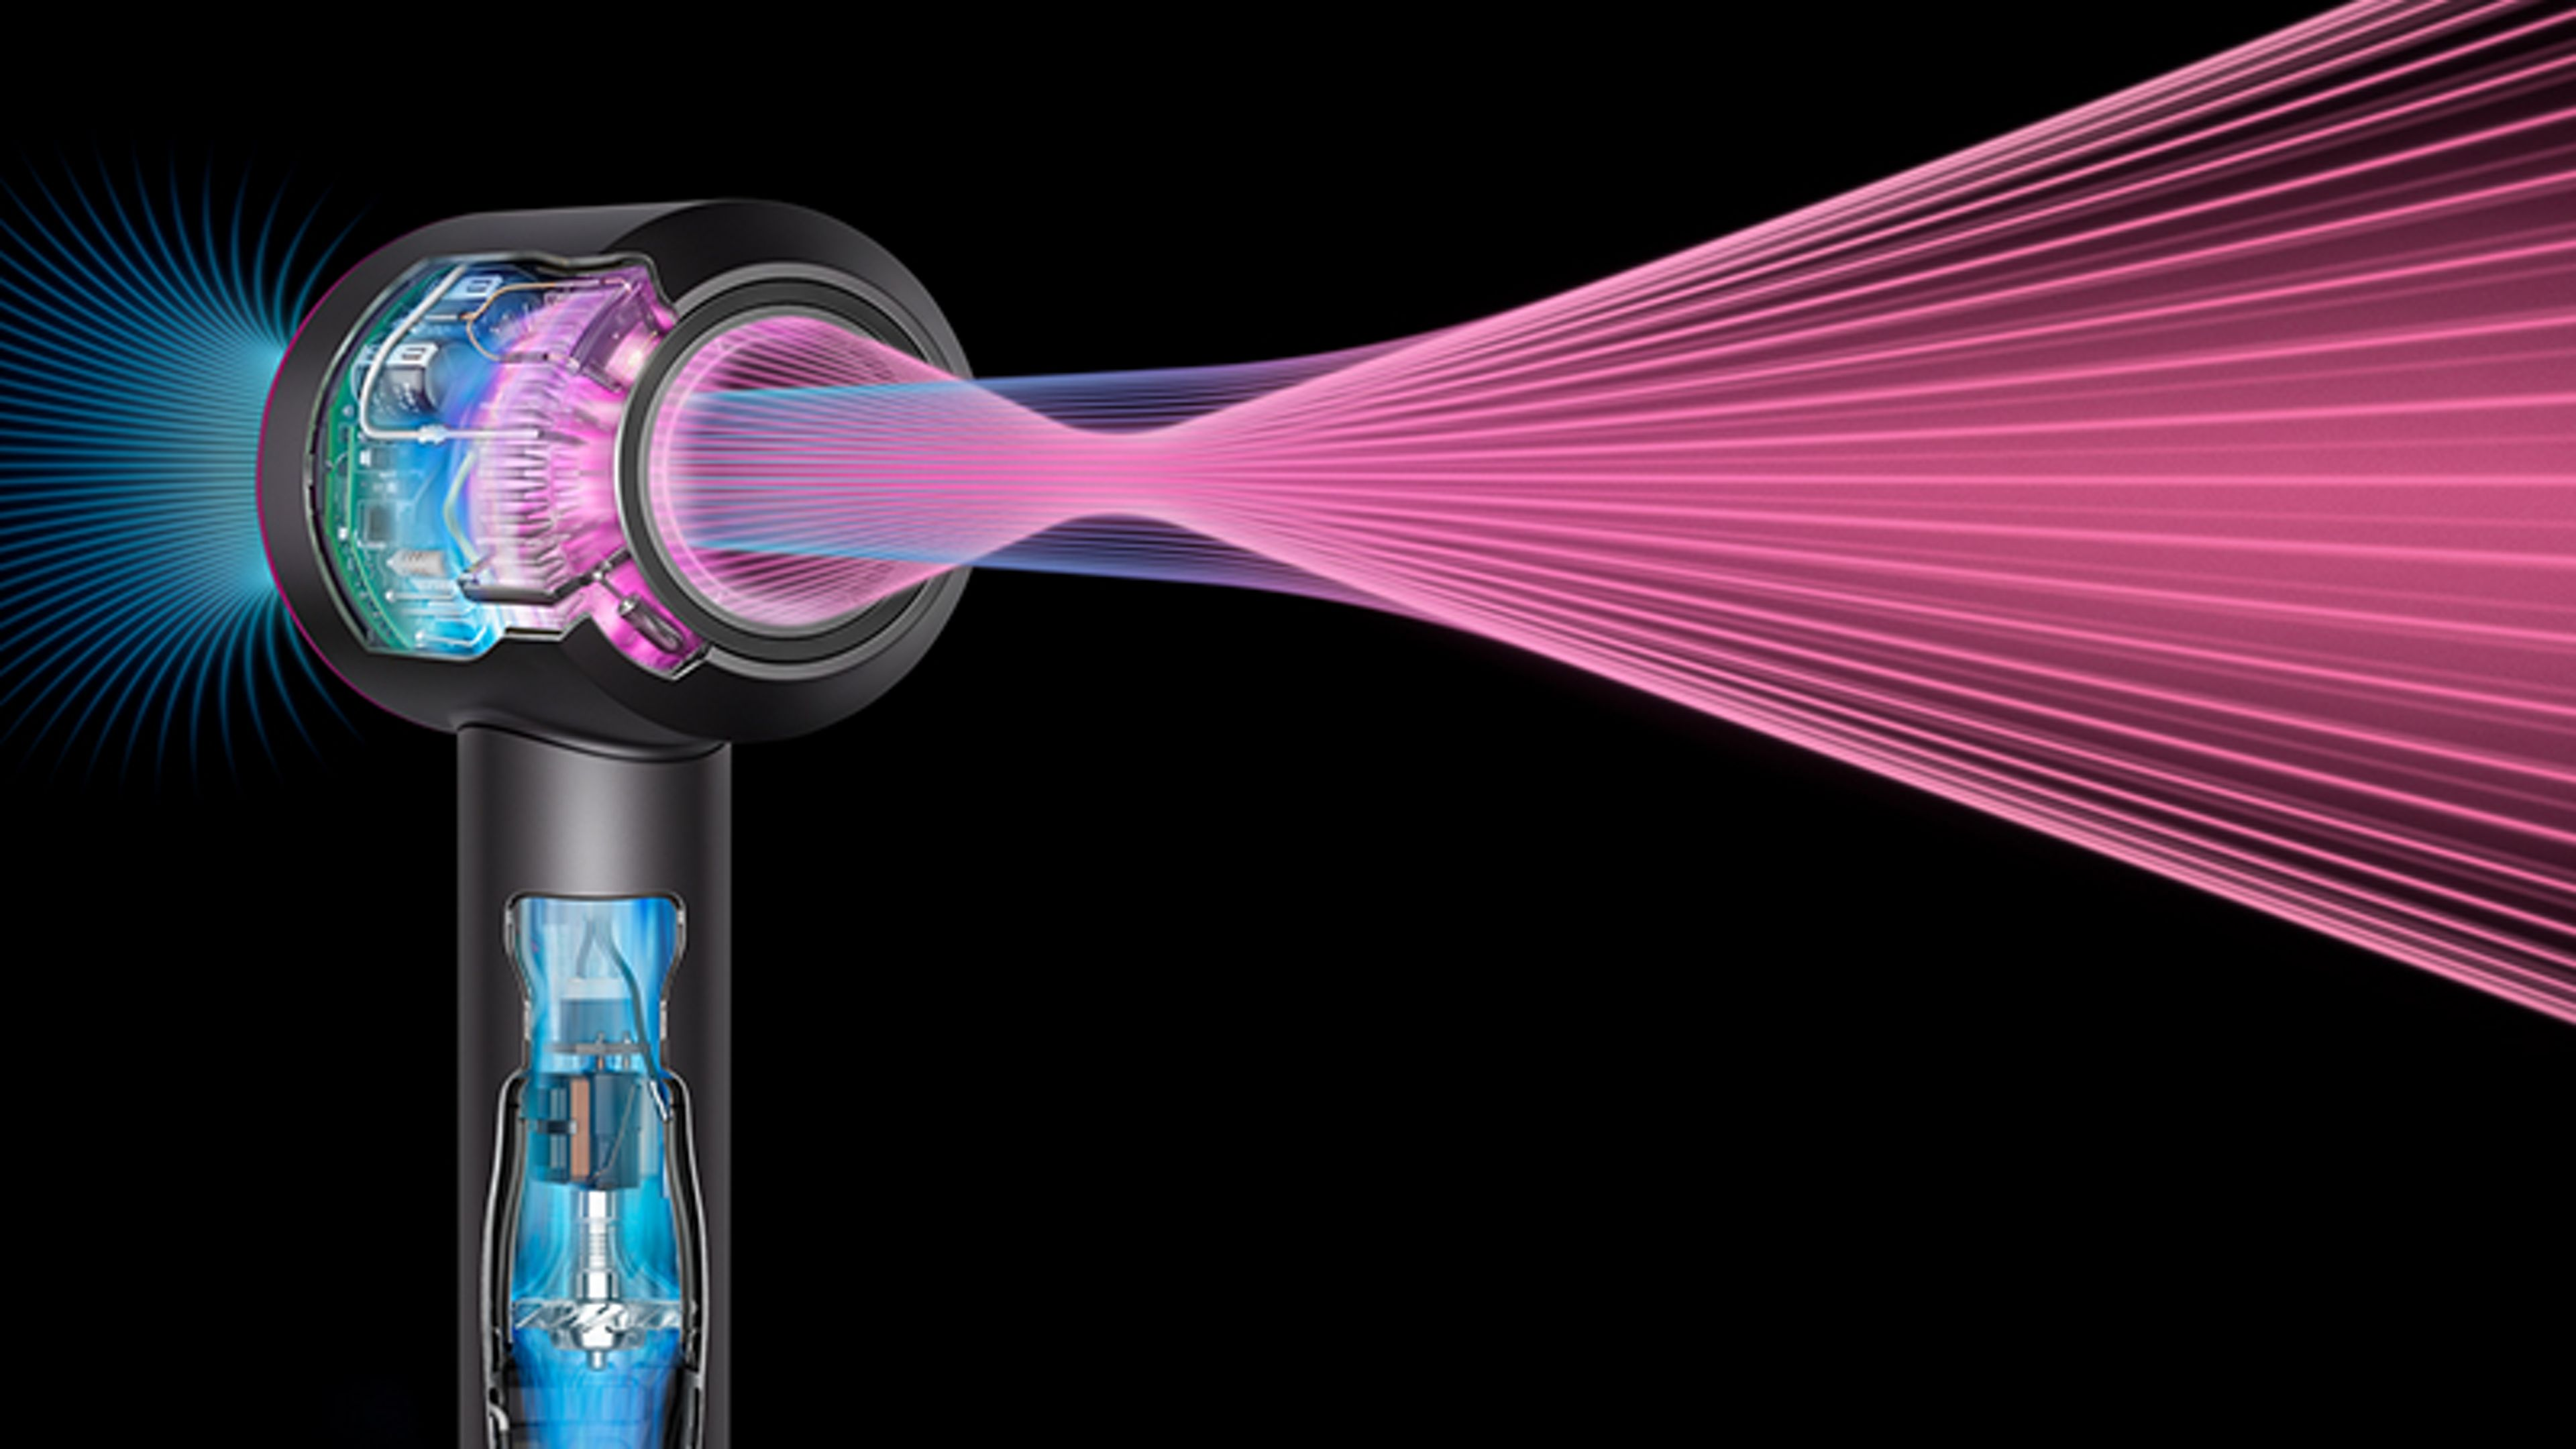 Как работает dyson air multiplier купить дайсон v6 энимал про